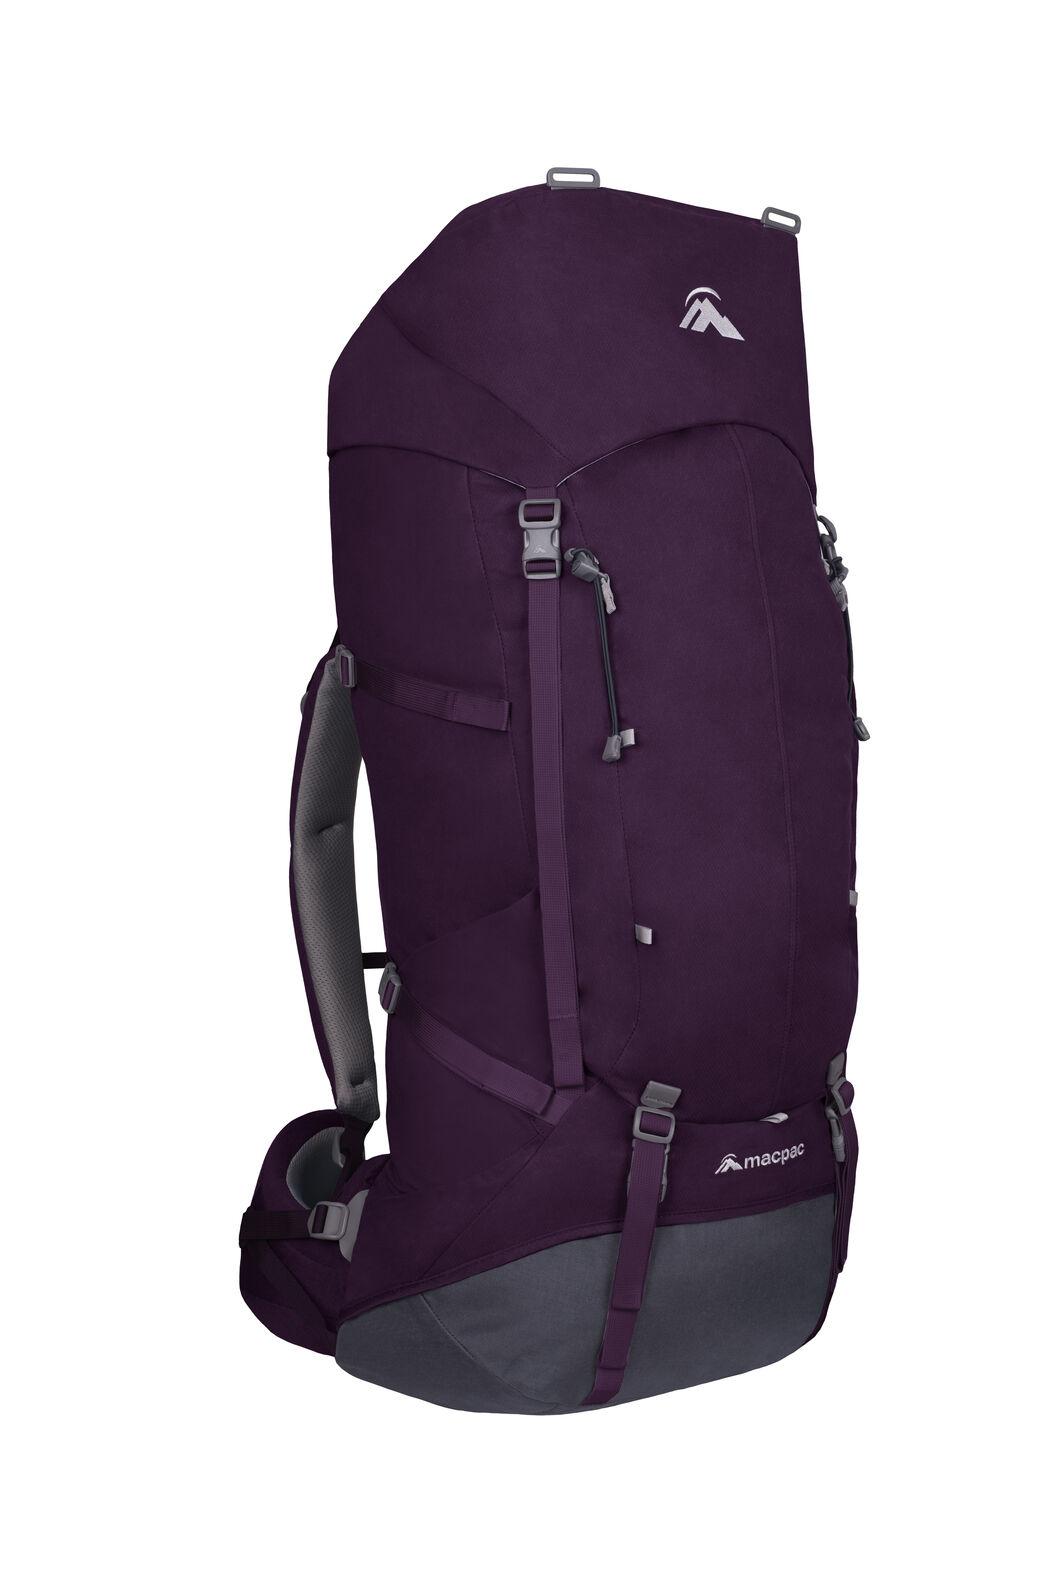 Macpac Cascade 65L AzTec® Pack V2, Potent Purple, hi-res